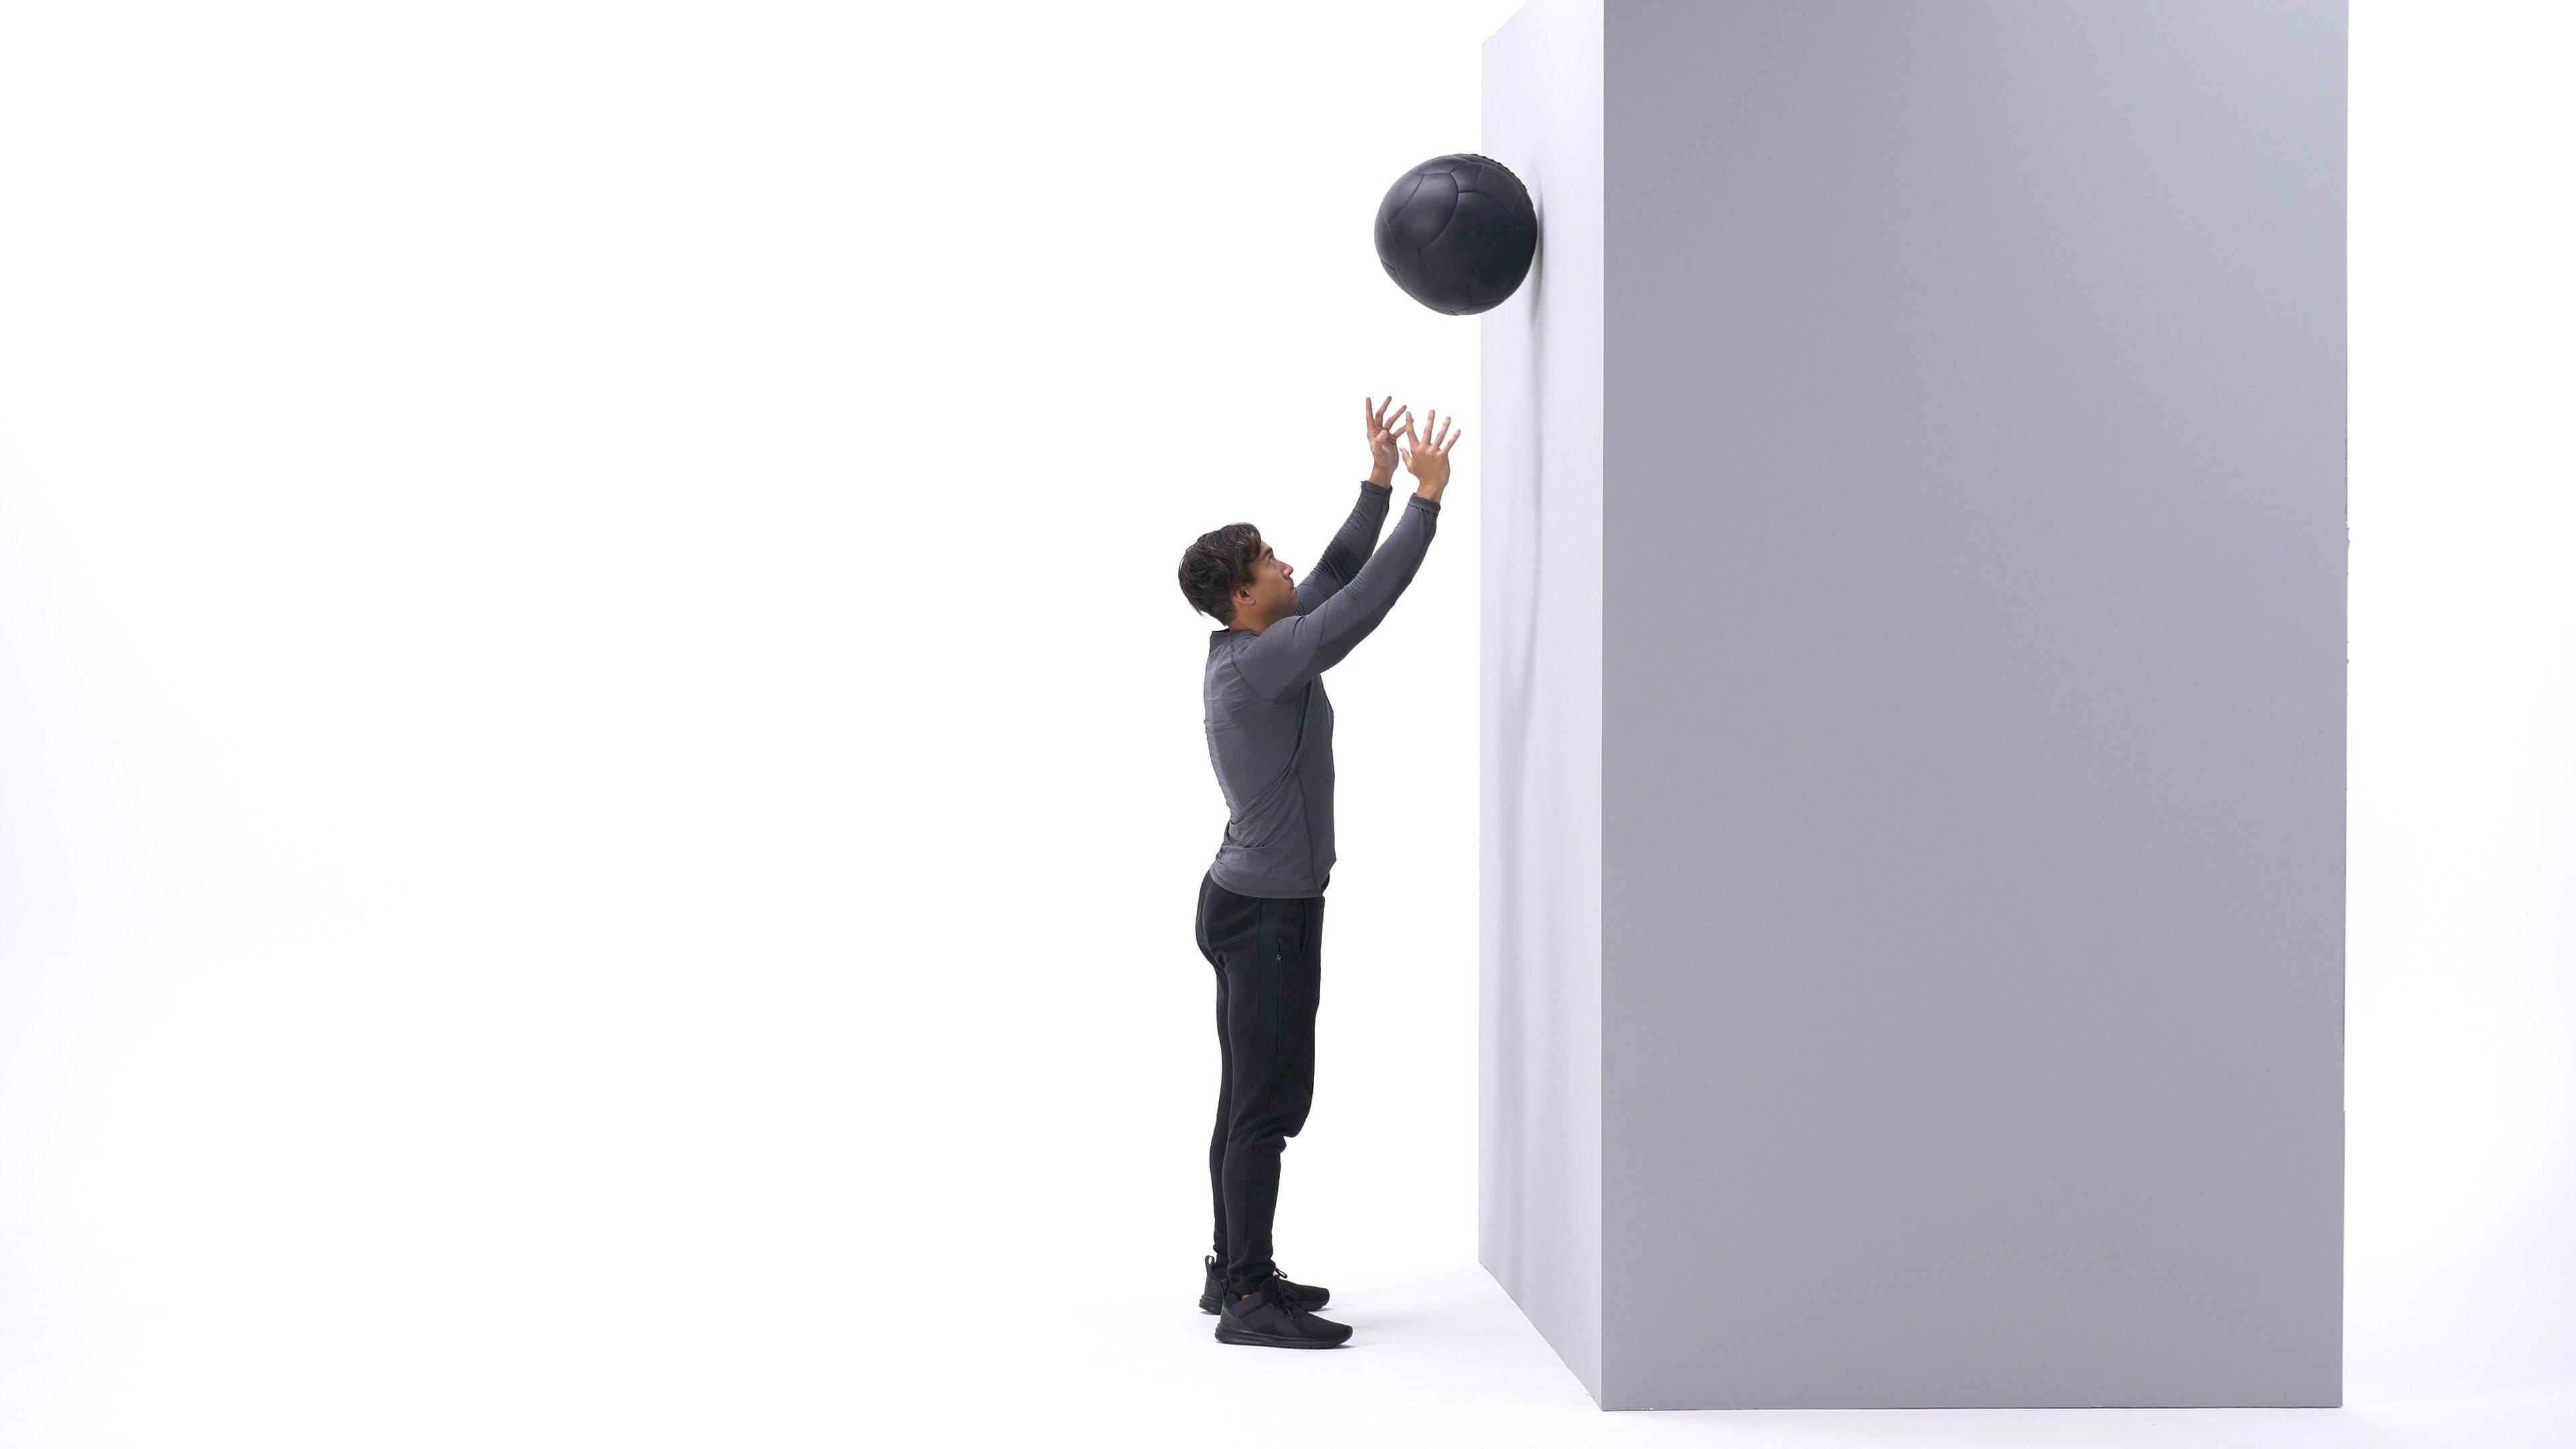 Wall ball toss image